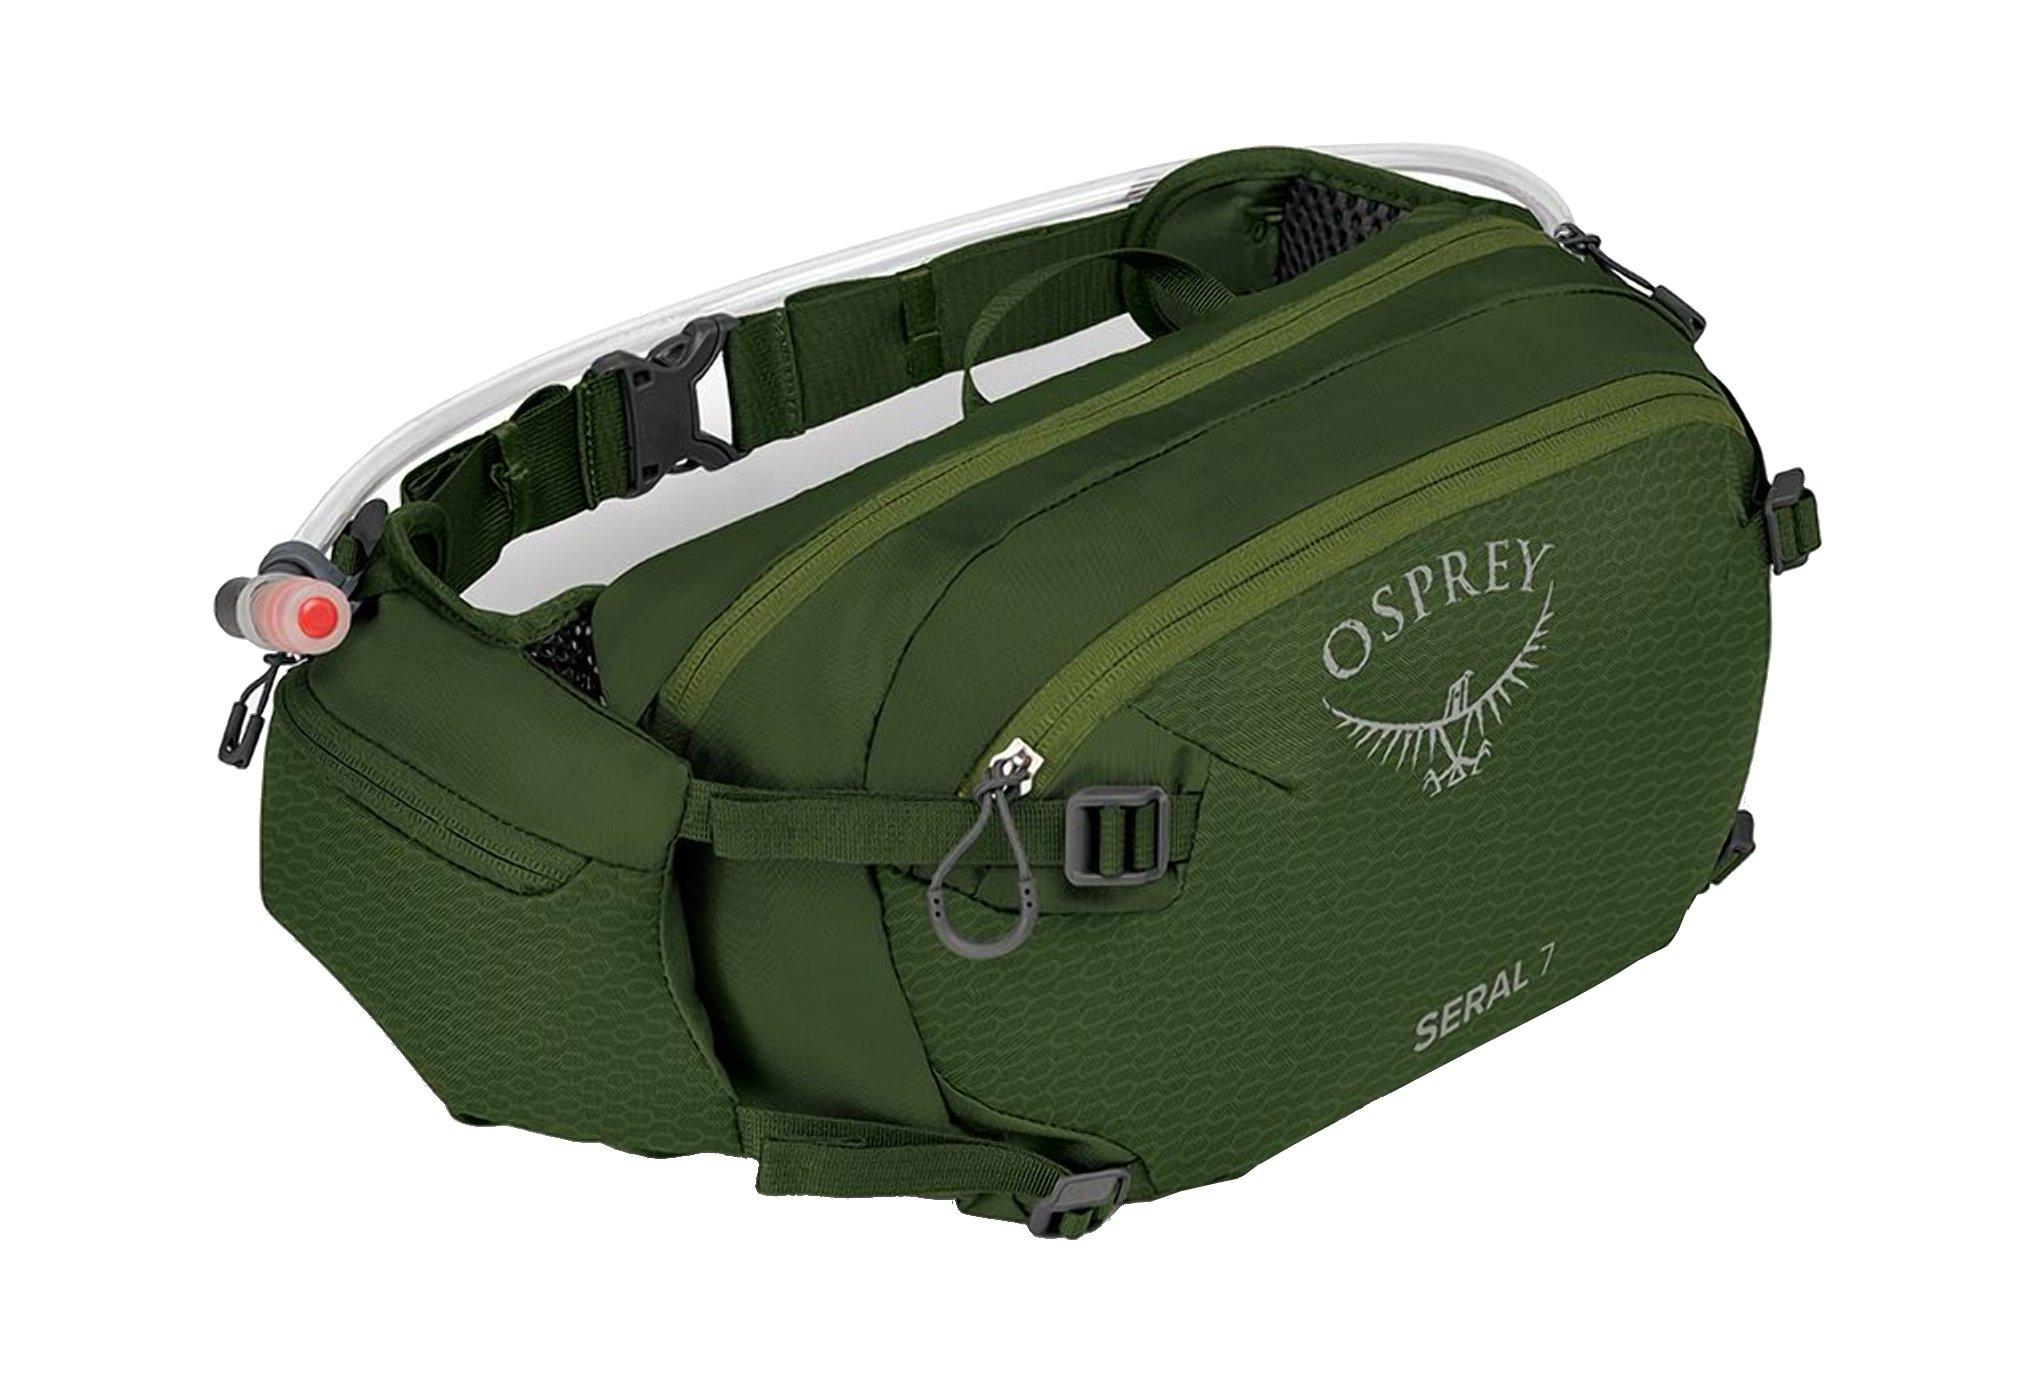 Osprey Seral 7 Ceinture / porte dossard